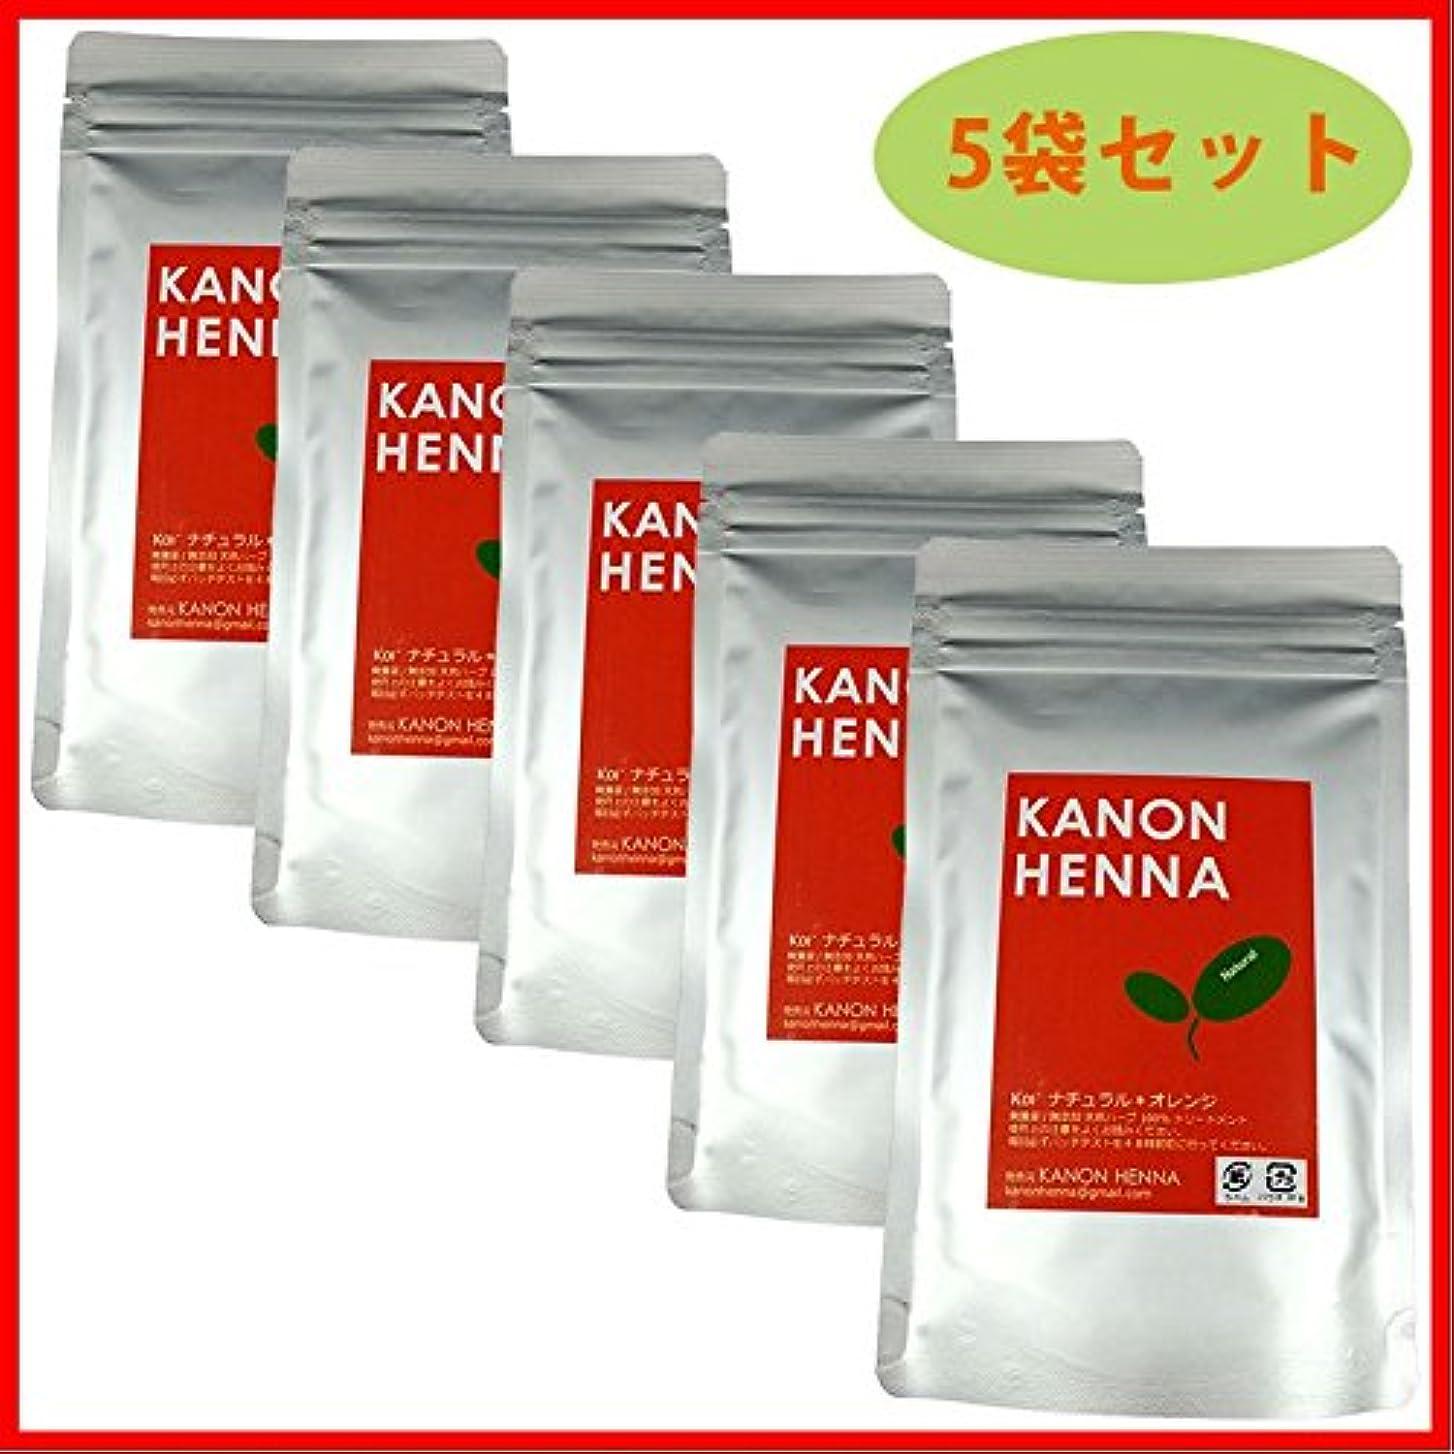 の慈悲で鷹高原ヘナ カノンヘナ 天然ハーブ 無農薬無添加 ケミカルゼロ ヘアトリートメント 毛染め 染毛 白髪 赤オレンジ 5袋セット henna-natural5set